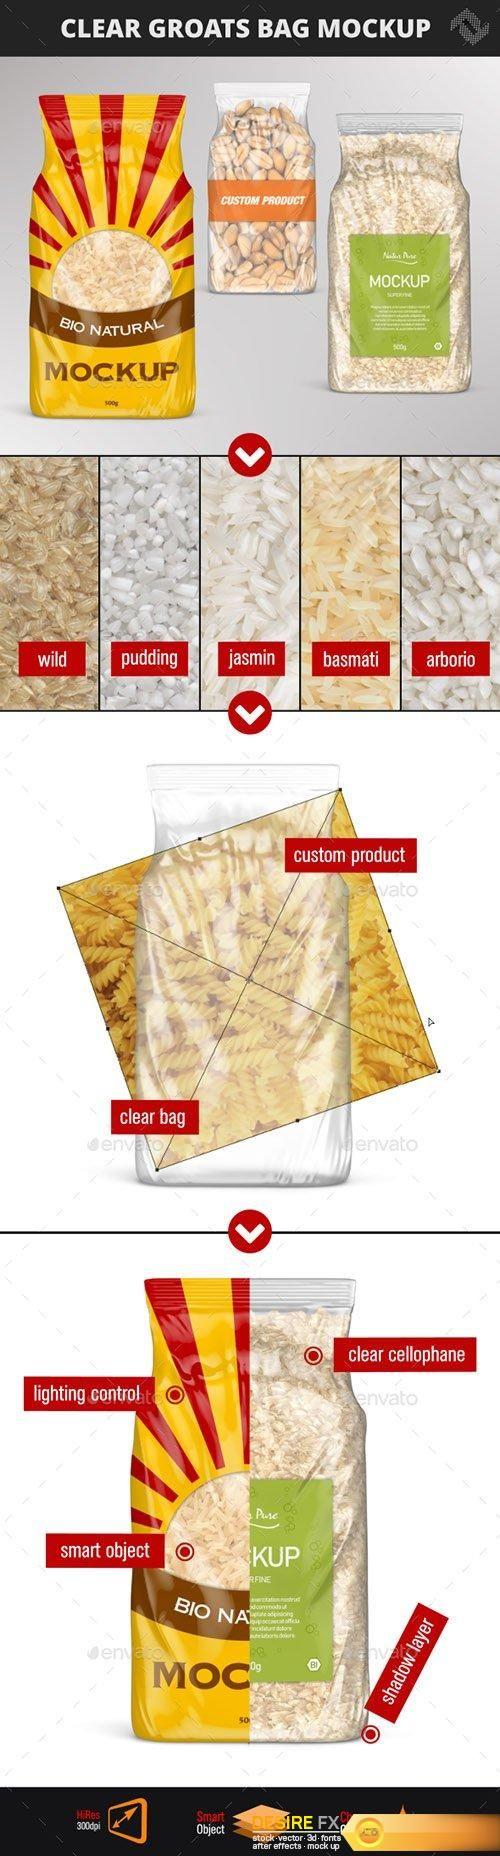 Download Desire Fx Gr Clear Plastic Rice Bag Mockup 22119181 Bag Mockup Rice Bags Sugar Packaging